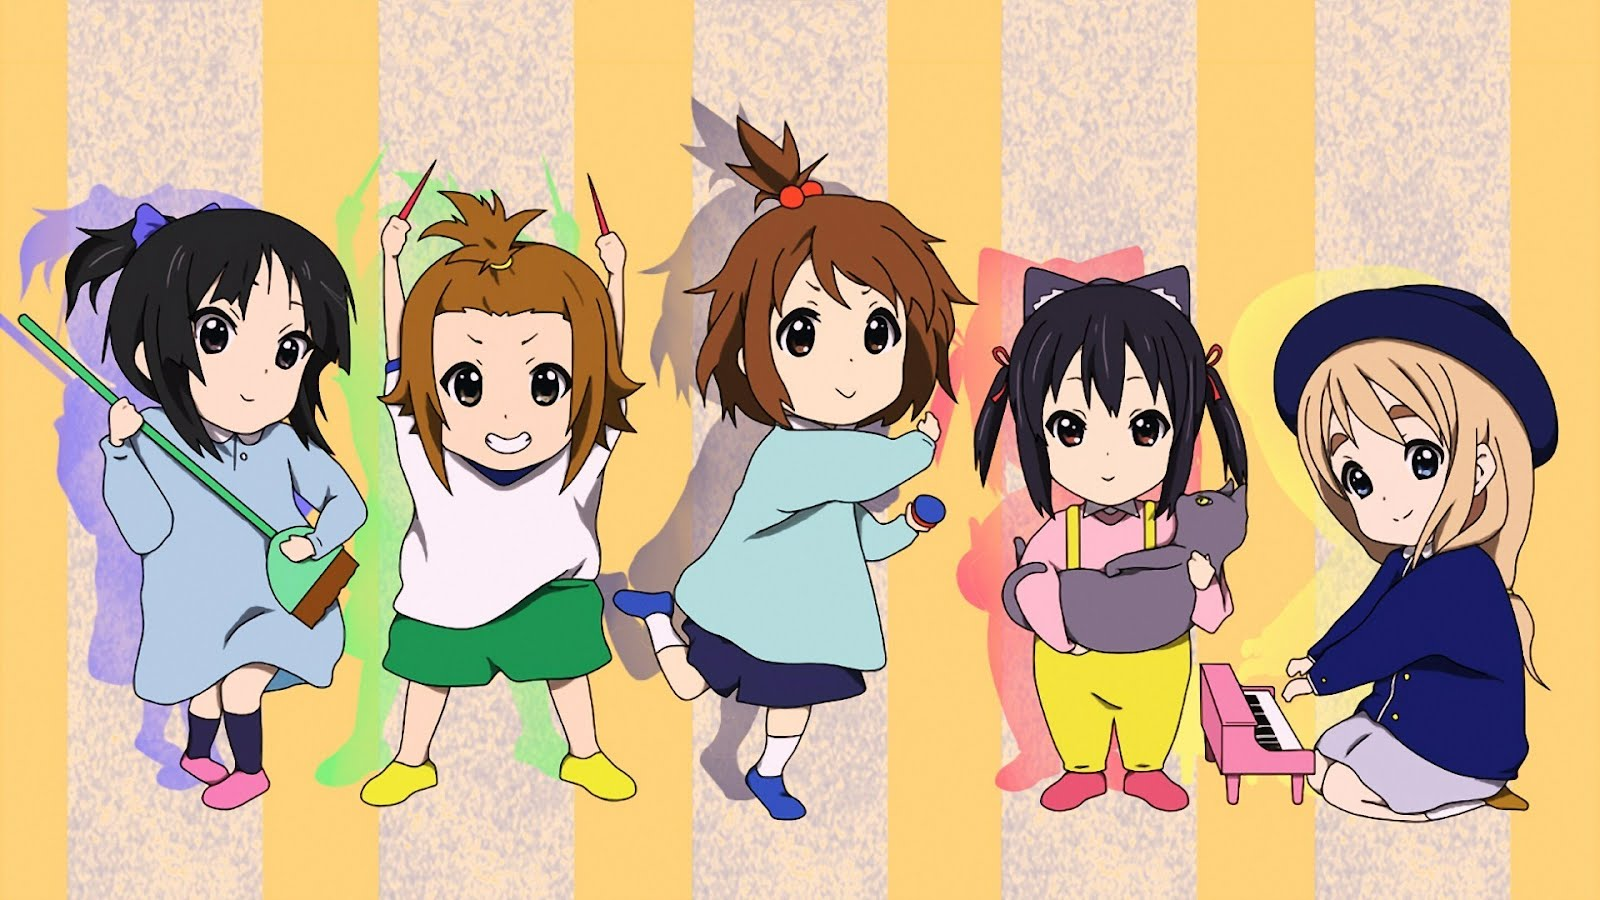 http://1.bp.blogspot.com/-HTZrV2b_6lo/T5pUAhY685I/AAAAAAAAPnA/sdqiL59uHxQ/s1600/K-ON-Wallpaper-Anime-HD-36.jpg